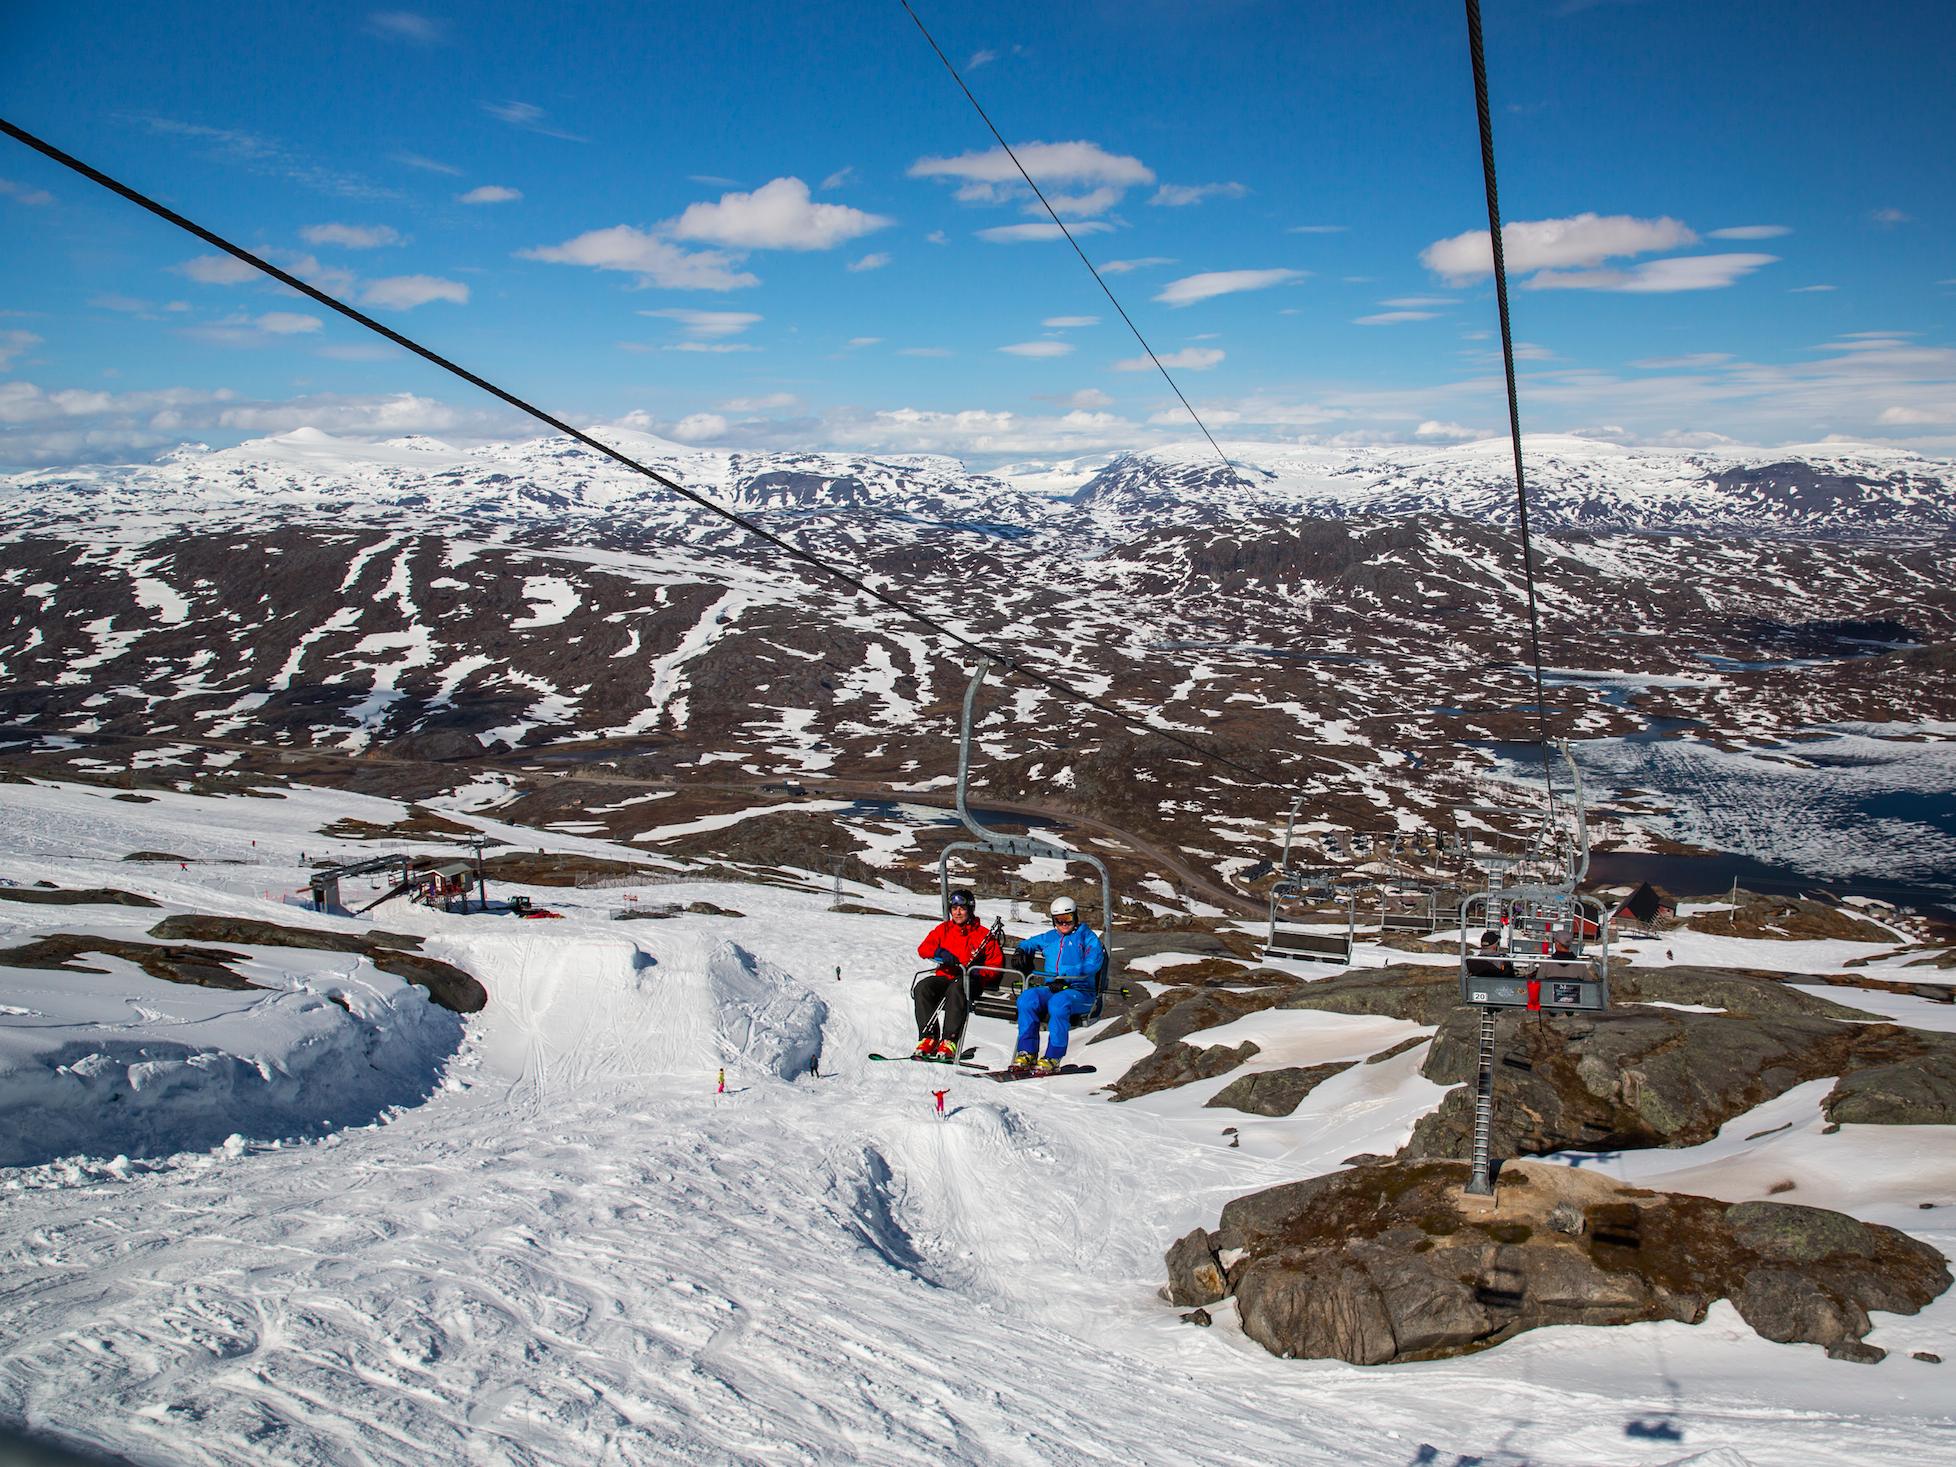 Из весны в зиму: едем кататься на лыжах в мае